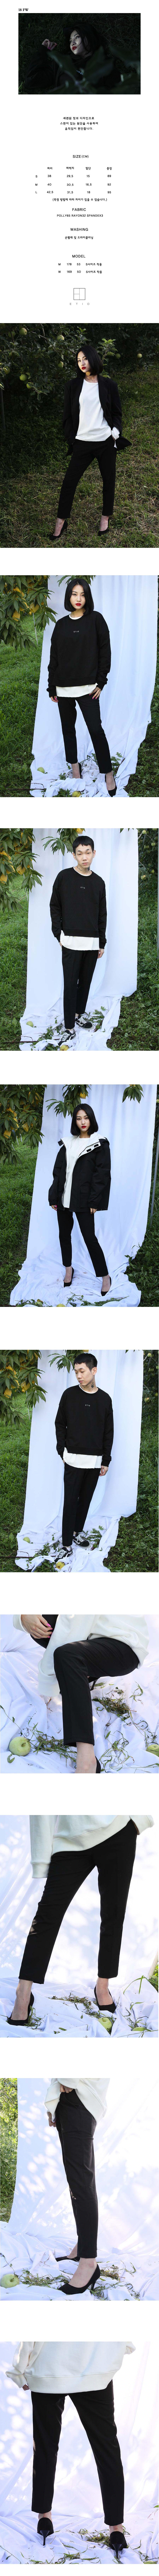 9부 스탠다드 앵클 슬렉스~standard ankle cropped pants.jpg